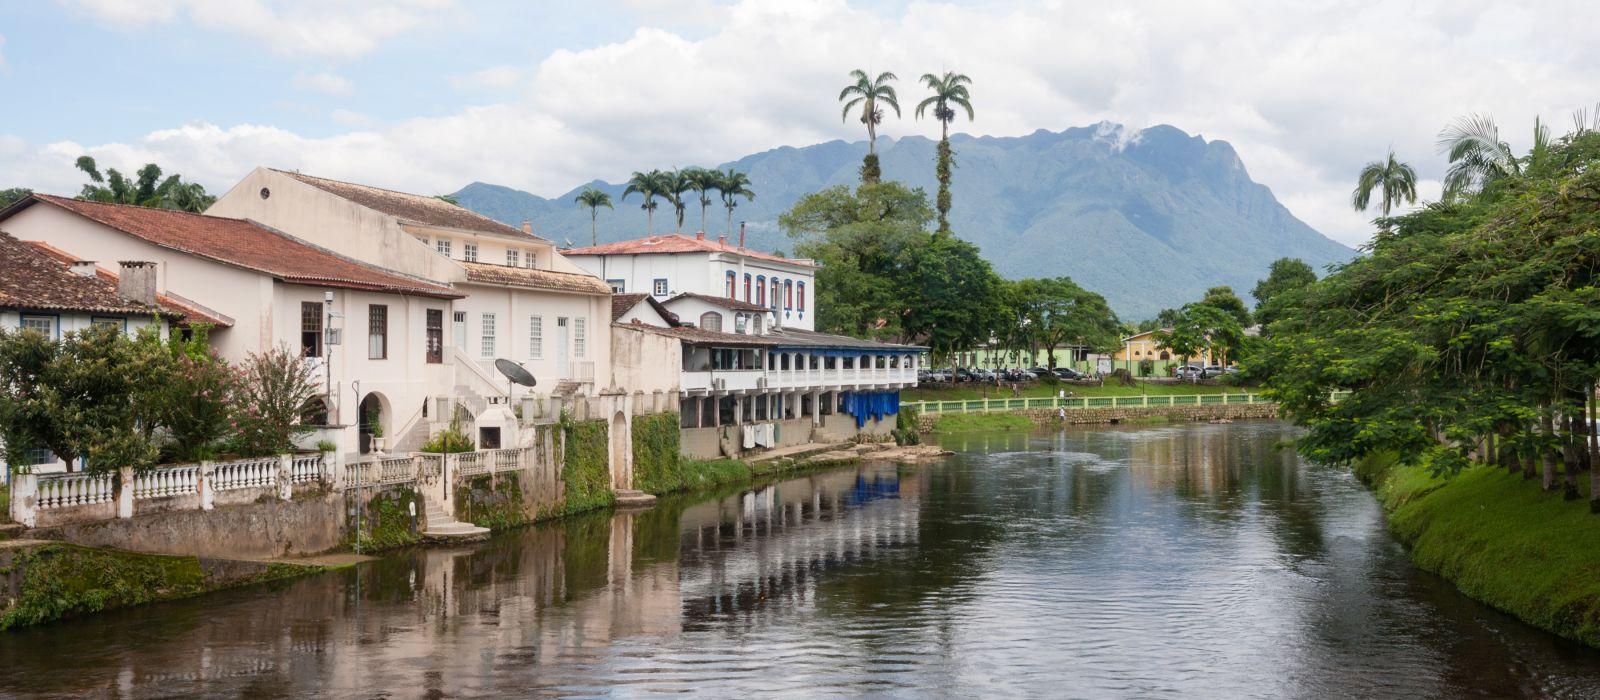 River in curitiba parana brazil, South America